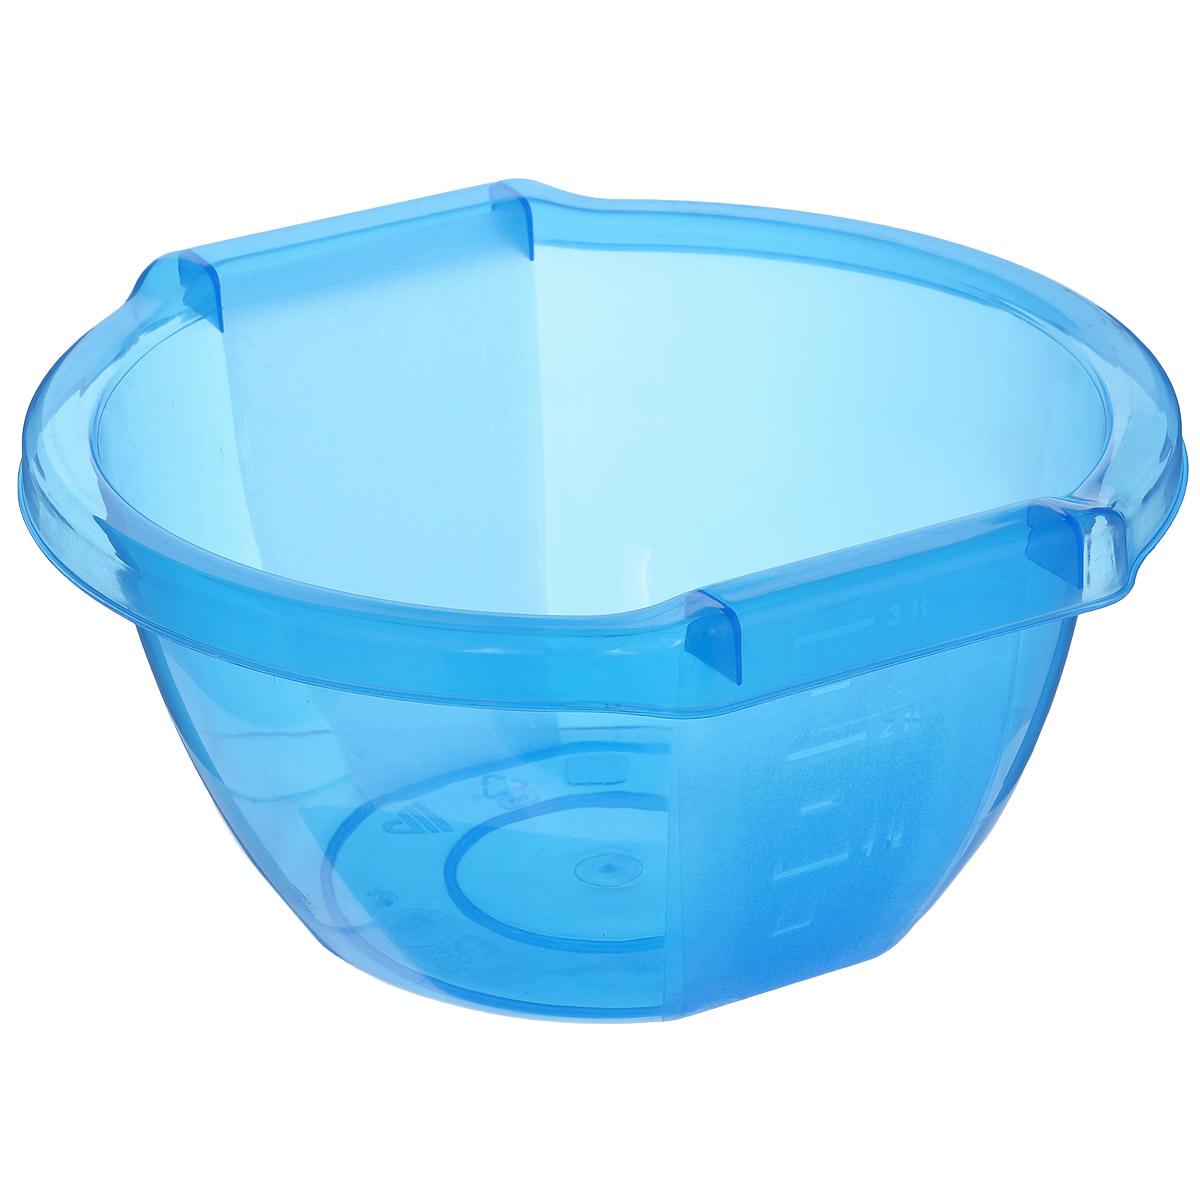 Чаша Альтернатива Стиль, цвет: голубой, 3 лМ506Чаша Альтернатива Стиль изготовлена из высококачественного пластика и подходит для повседневного использования. Сбоку имеется мерная шкала. Чаша оснащена удобными ручками. Чаша отлично подойдет для овсяных хлопьев, фруктов, риса или замешивания теста. Также в ней можно приготовить салаты. Практичный дизайн чаши подойдет практически для любого случая. Размер чаши: 24,5 см х 25,5 см 12,5 см. Объем чаши: 3 л.